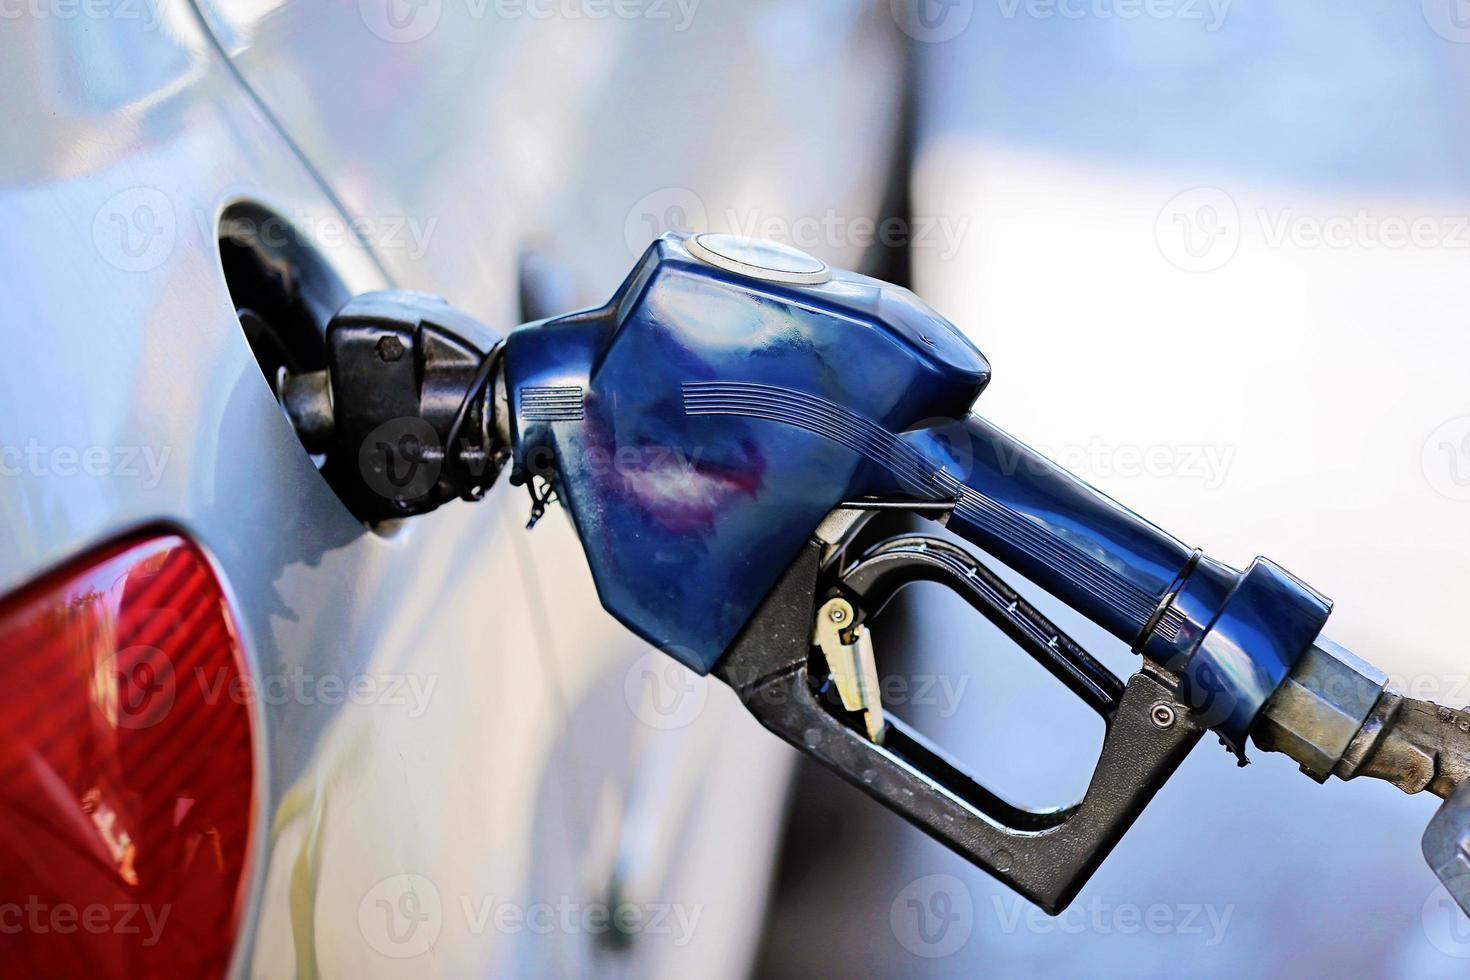 reabastecimento em posto de gasolina foto